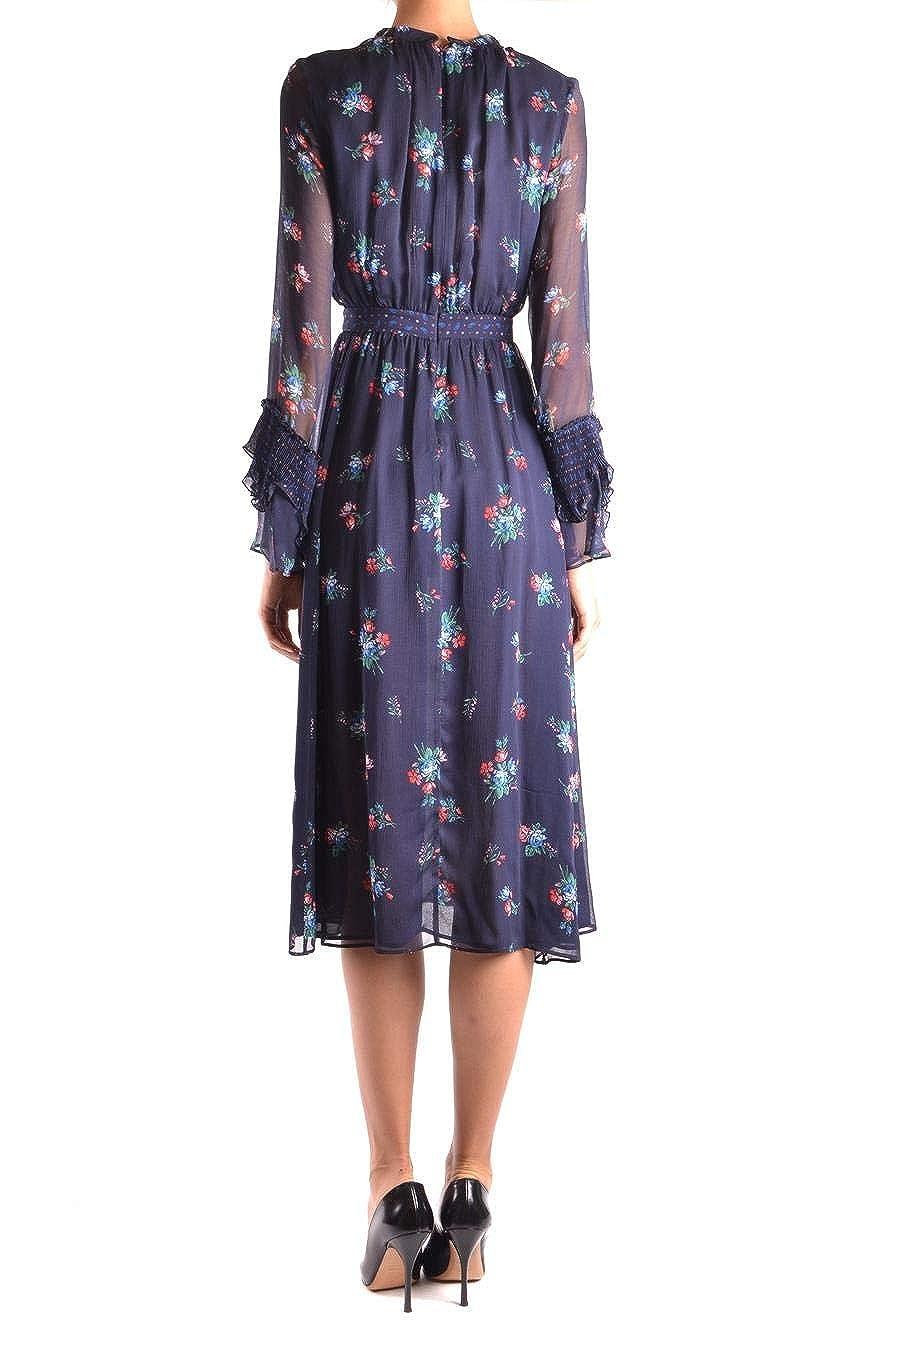 Abbigliamento Amazon Viscosa Pinko Blu it 1g13f77111er4 Vestito Donna qWBnnRZA